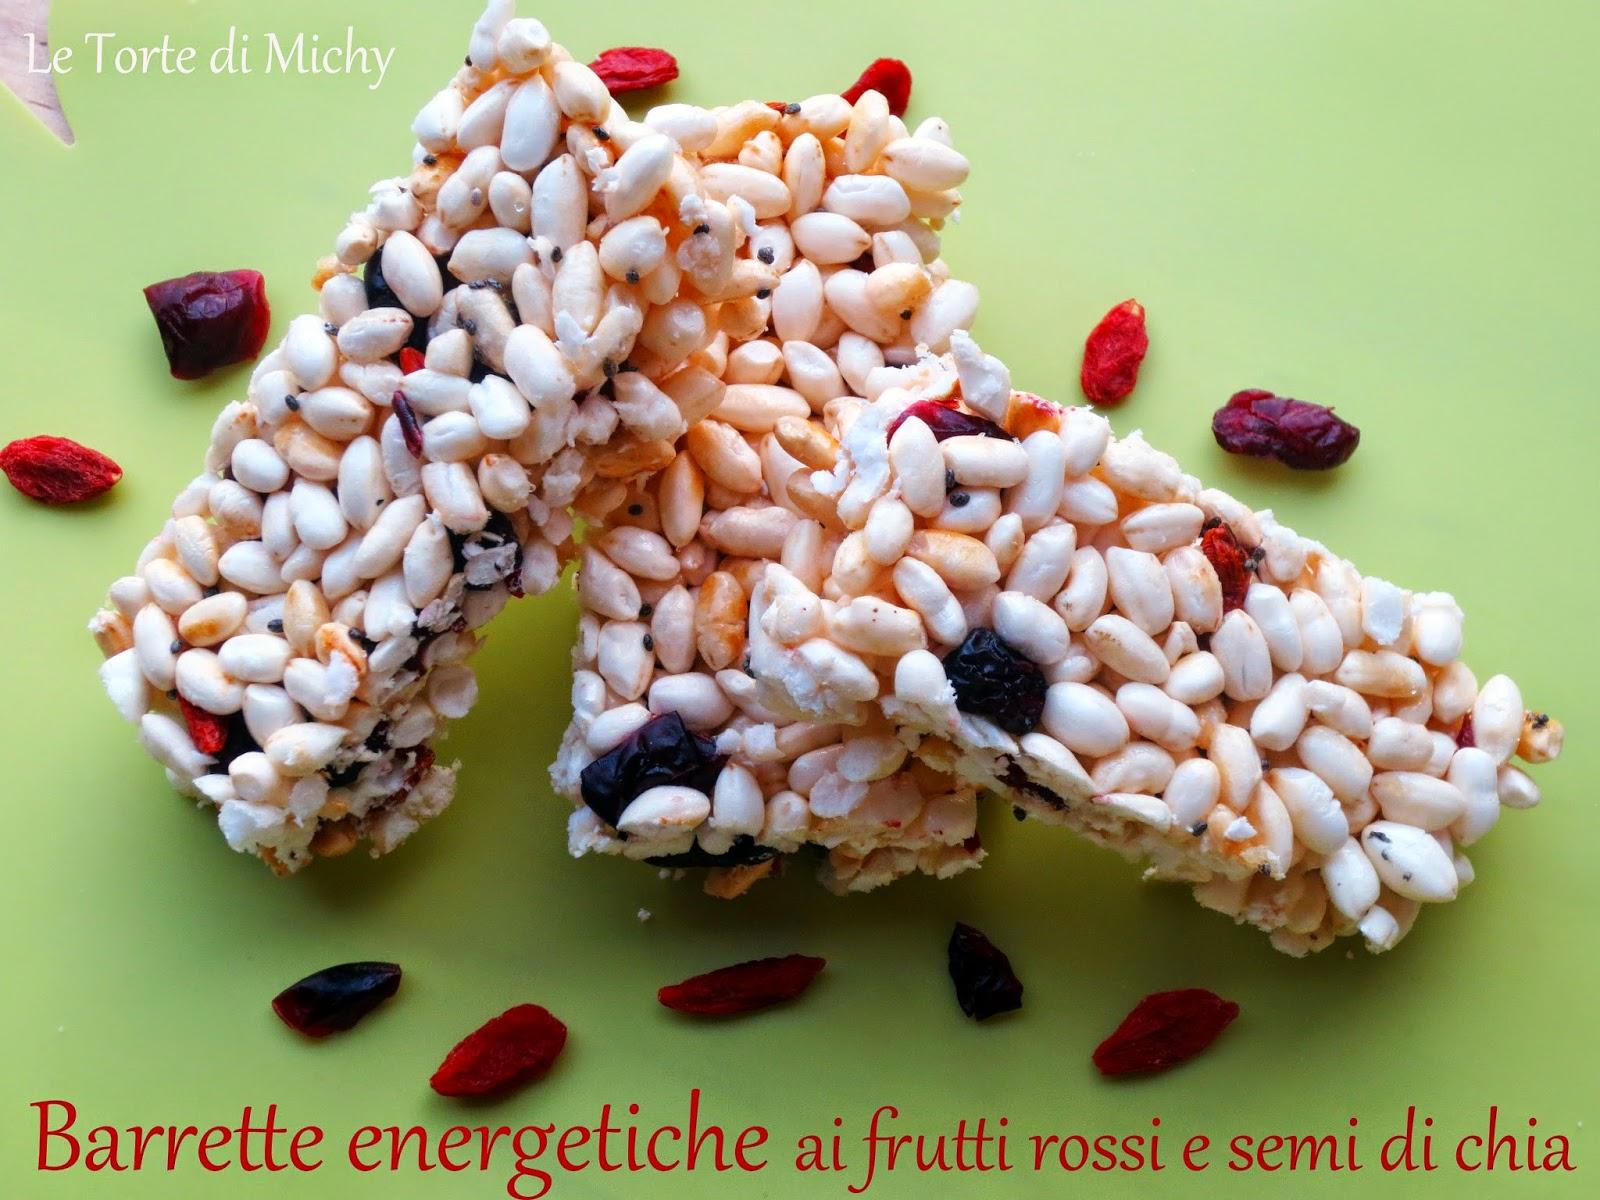 barrette energetiche ai frutti rossi e semi di chia